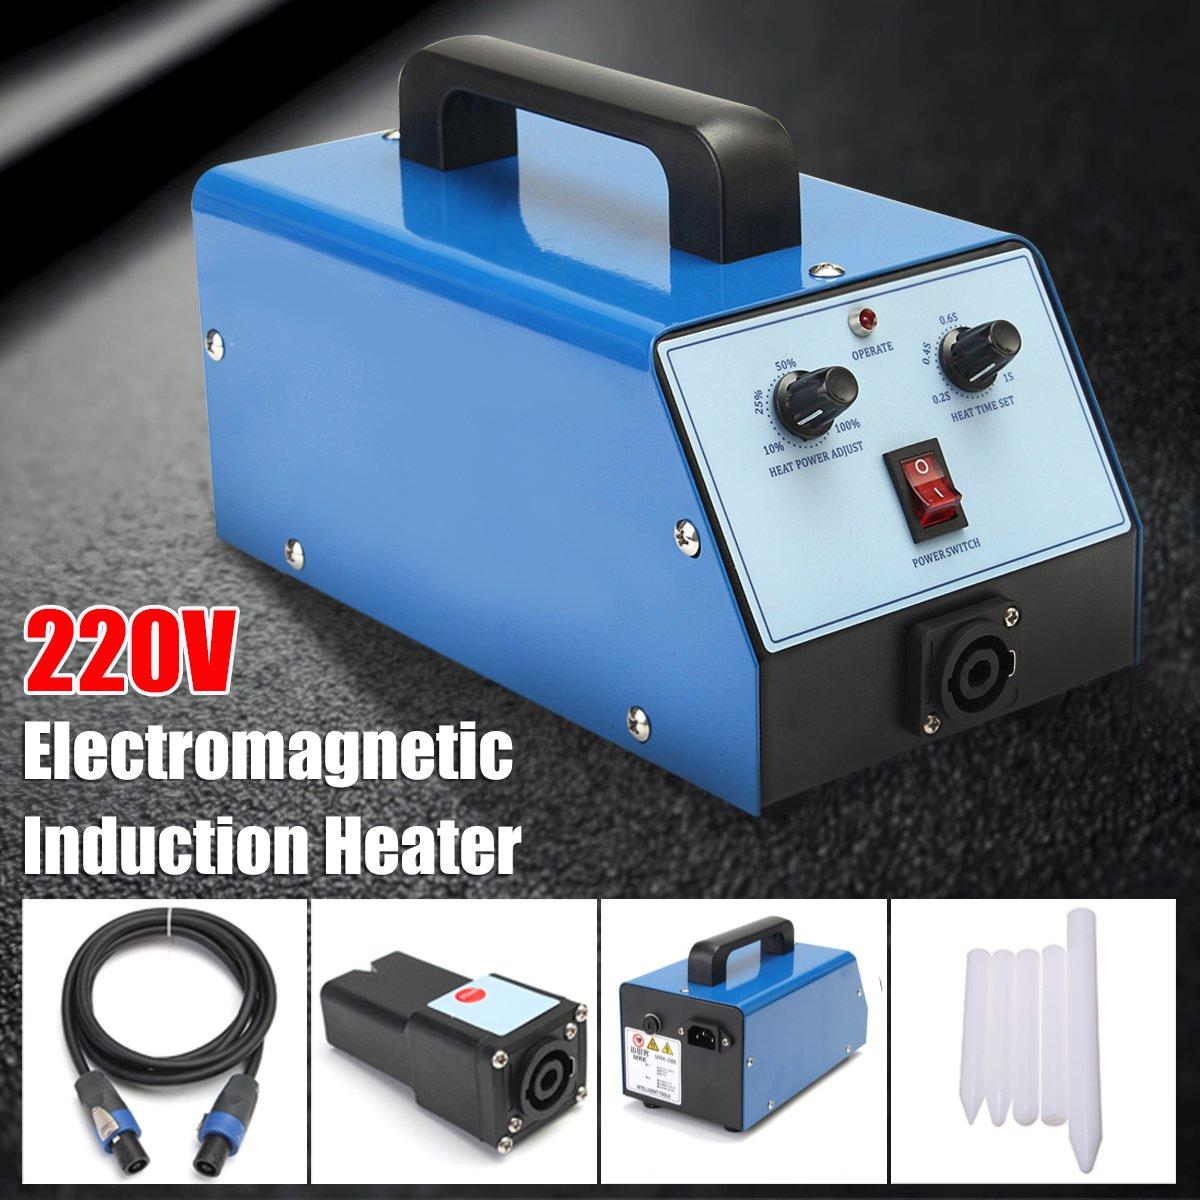 220 В 1100 Вт синий автомобиль Paintless Дент Ремонт Remover PDR индукционный нагреватель Hot-Box электромагнитный индукционный нагреватель для ремонта ин...